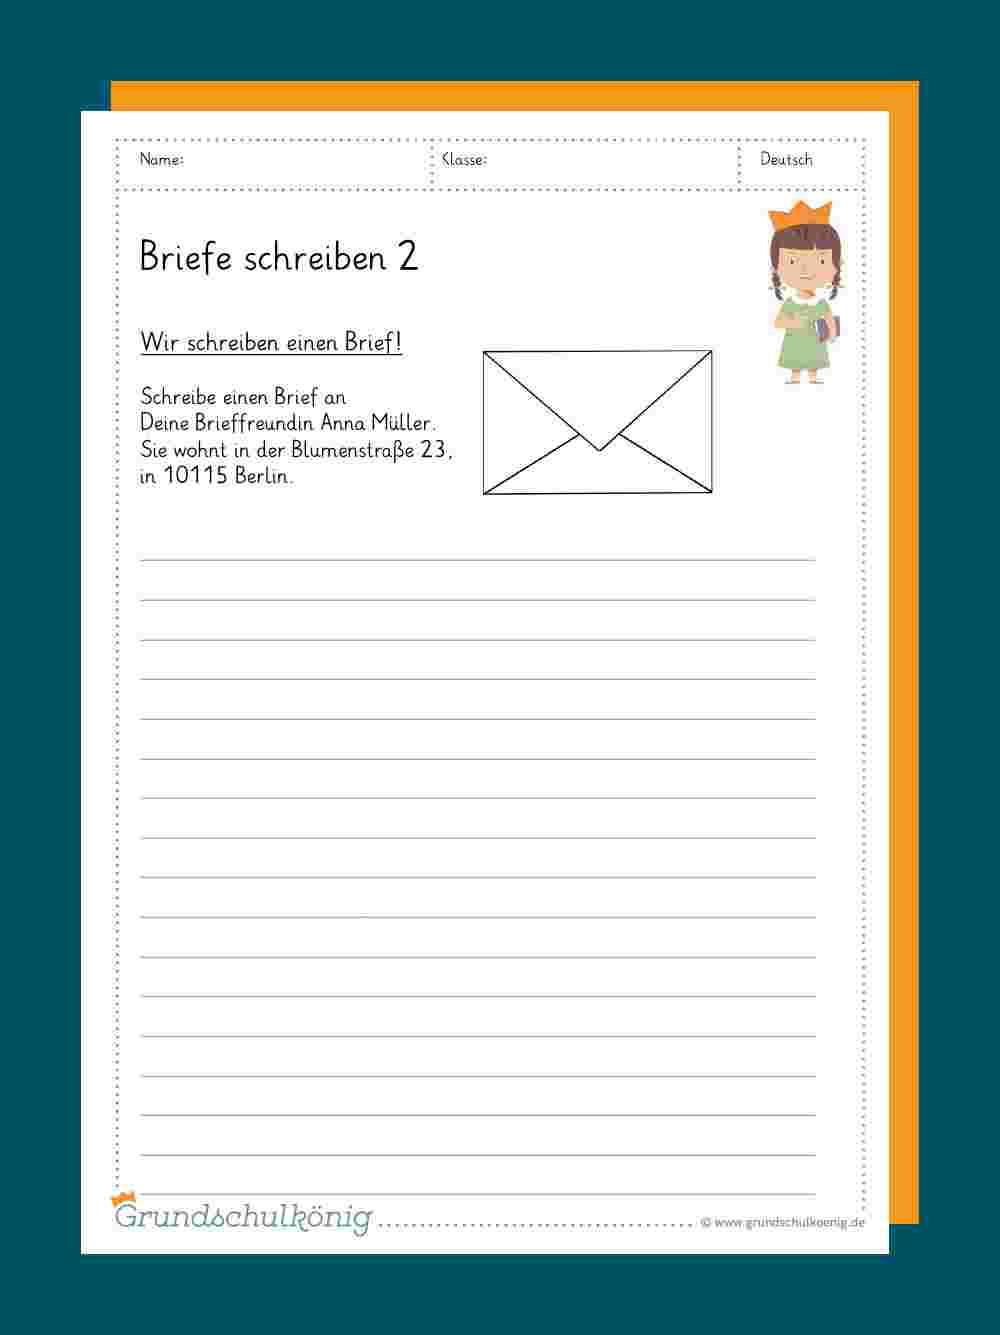 Briefe Schreiben in Texte Verfassen Grundschule 4 Klasse